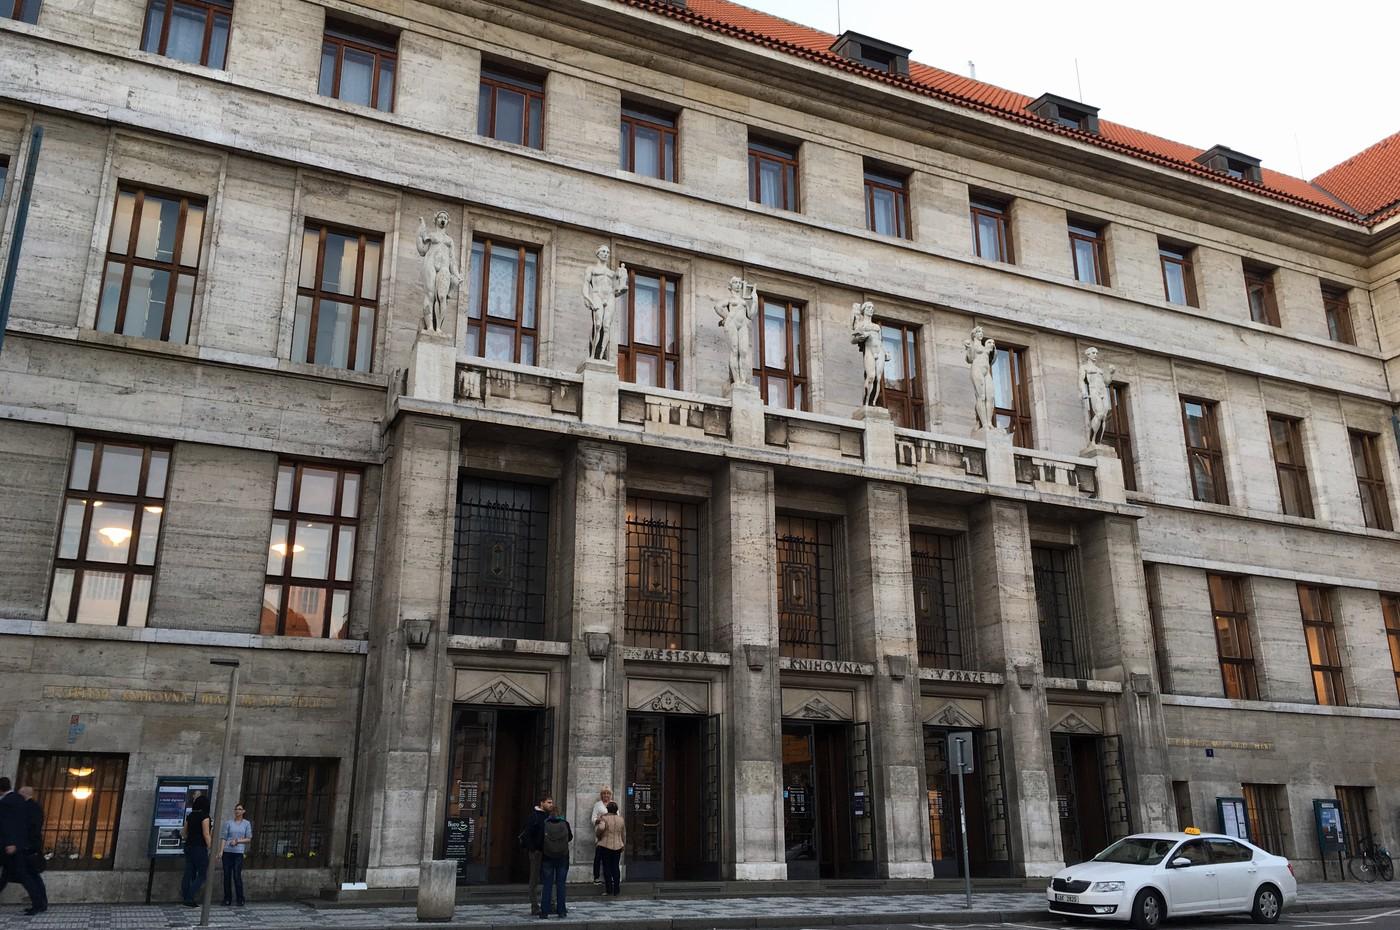 Ústřední knihovna Městské knihovny v Praze